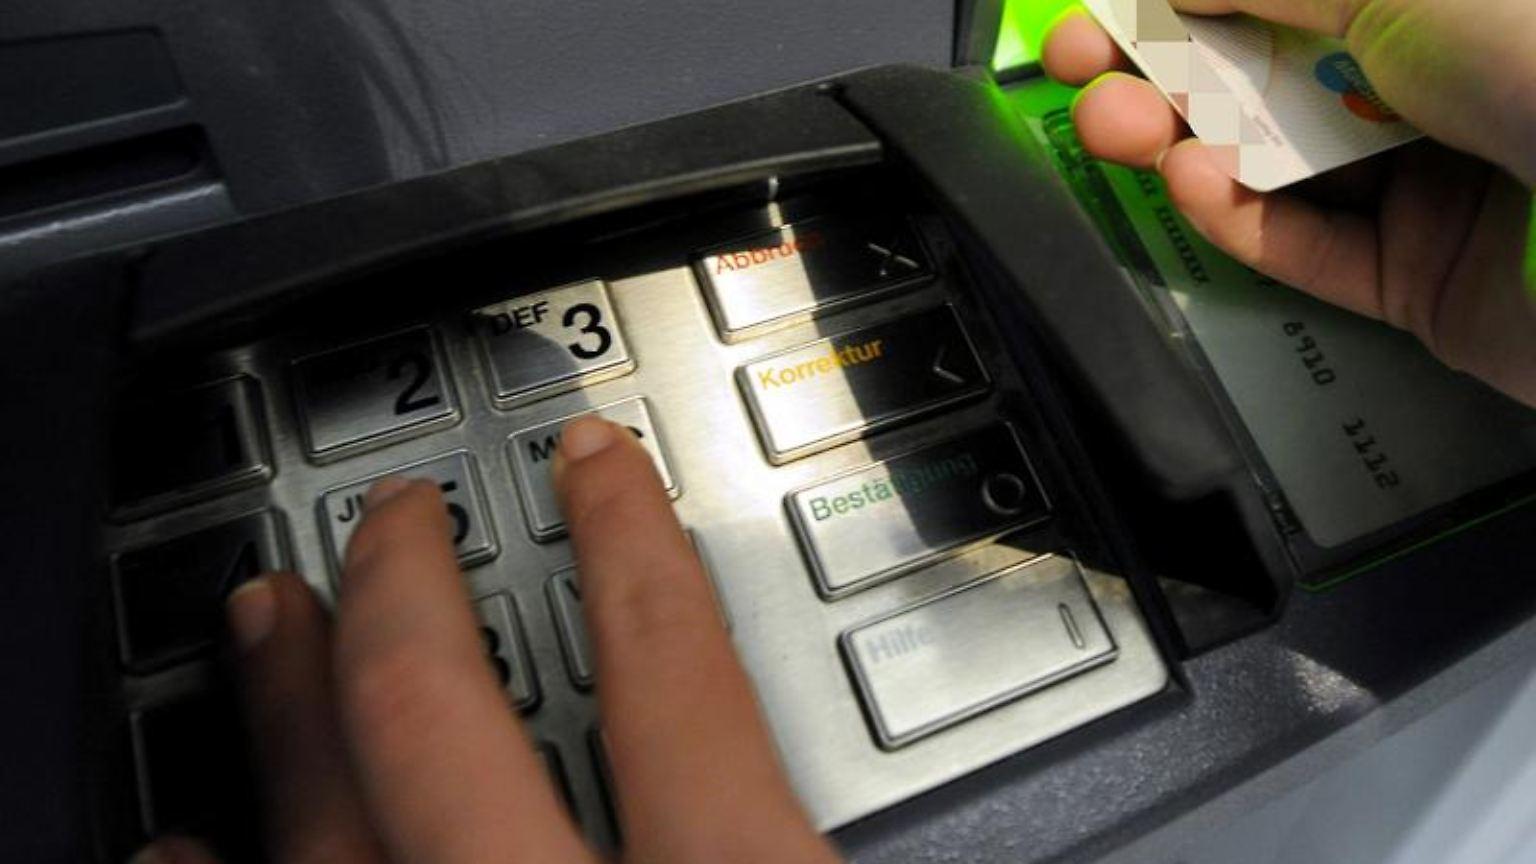 Sparkasse Ec Karte Ausland.Wenn Im Ausland Nichts Mehr Geht Manche Ec Karten Gesperrt